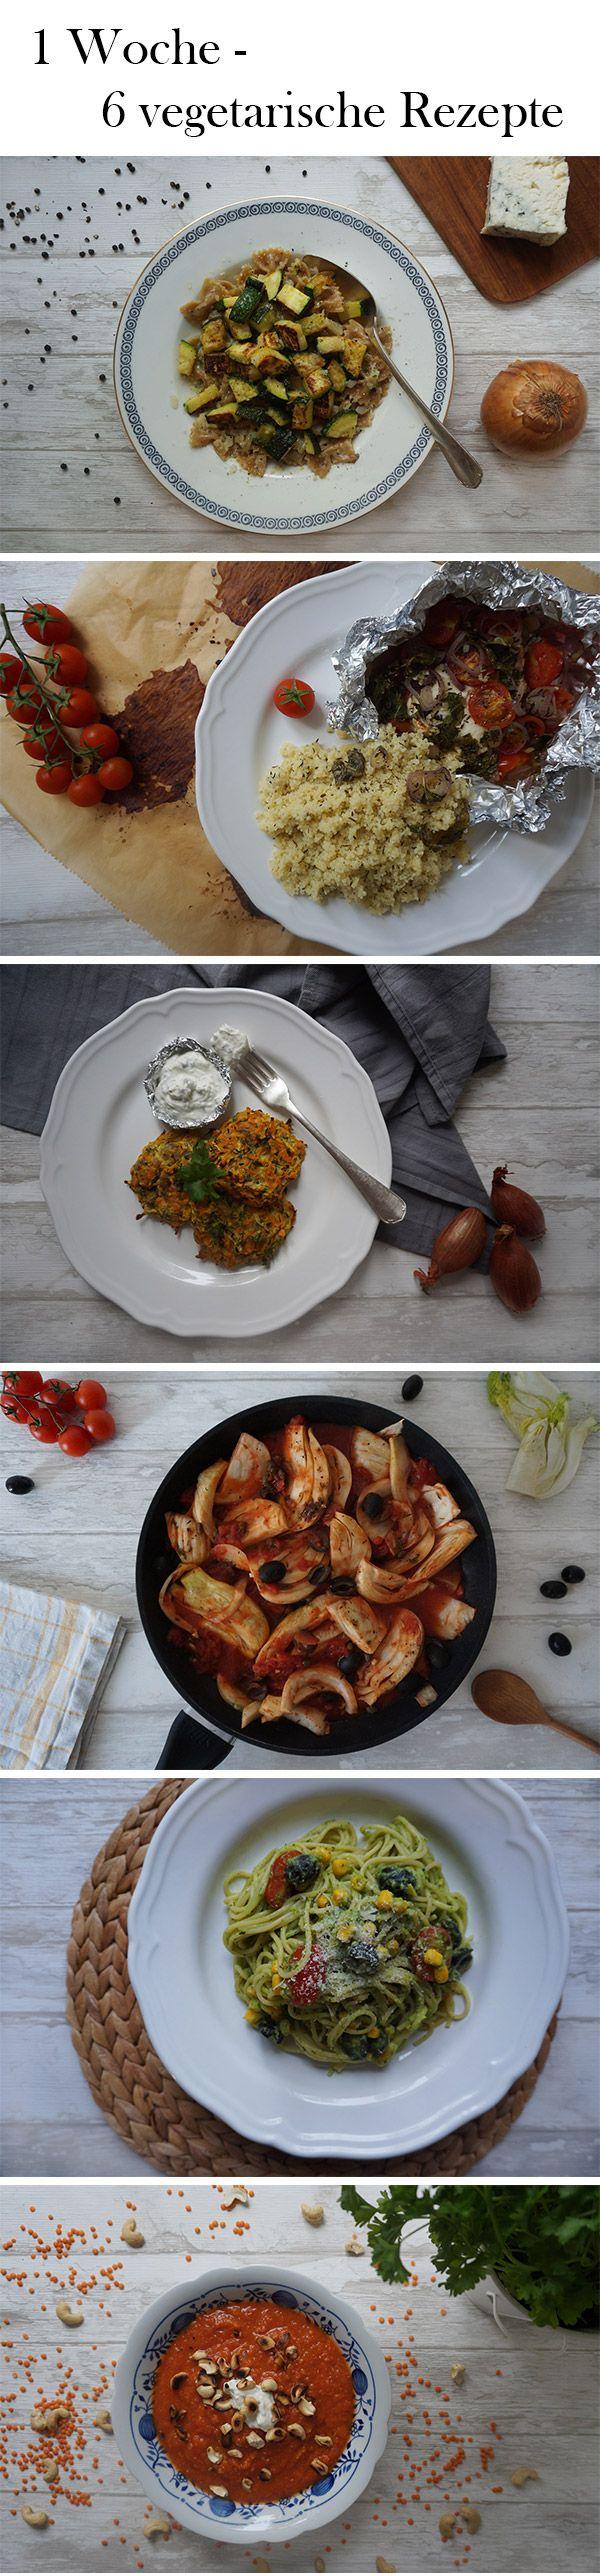 Sechs verschiedene vegetarische Gerichte für dein Mittag- und Abendessen, die du mit Hilfe unserer Tipps auch leicht vorbereiten und mitnehmen kannst.